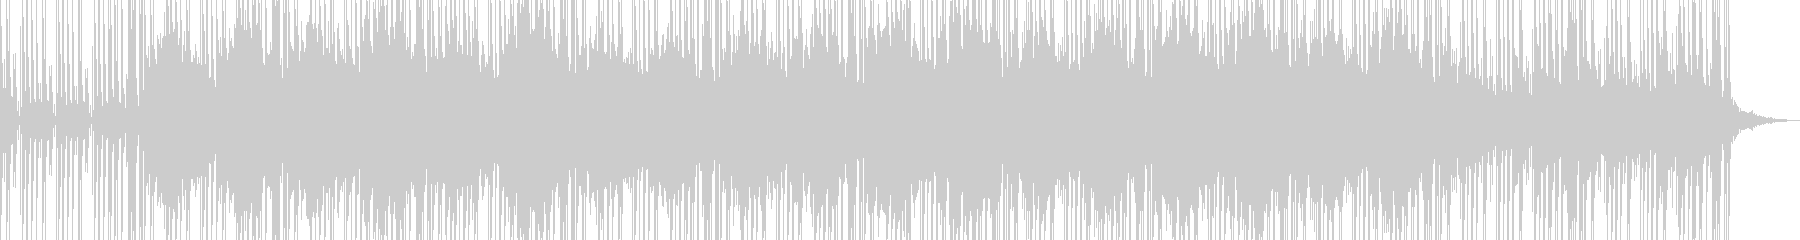 ローファイヒップホップ アンビエントの未再生の波形